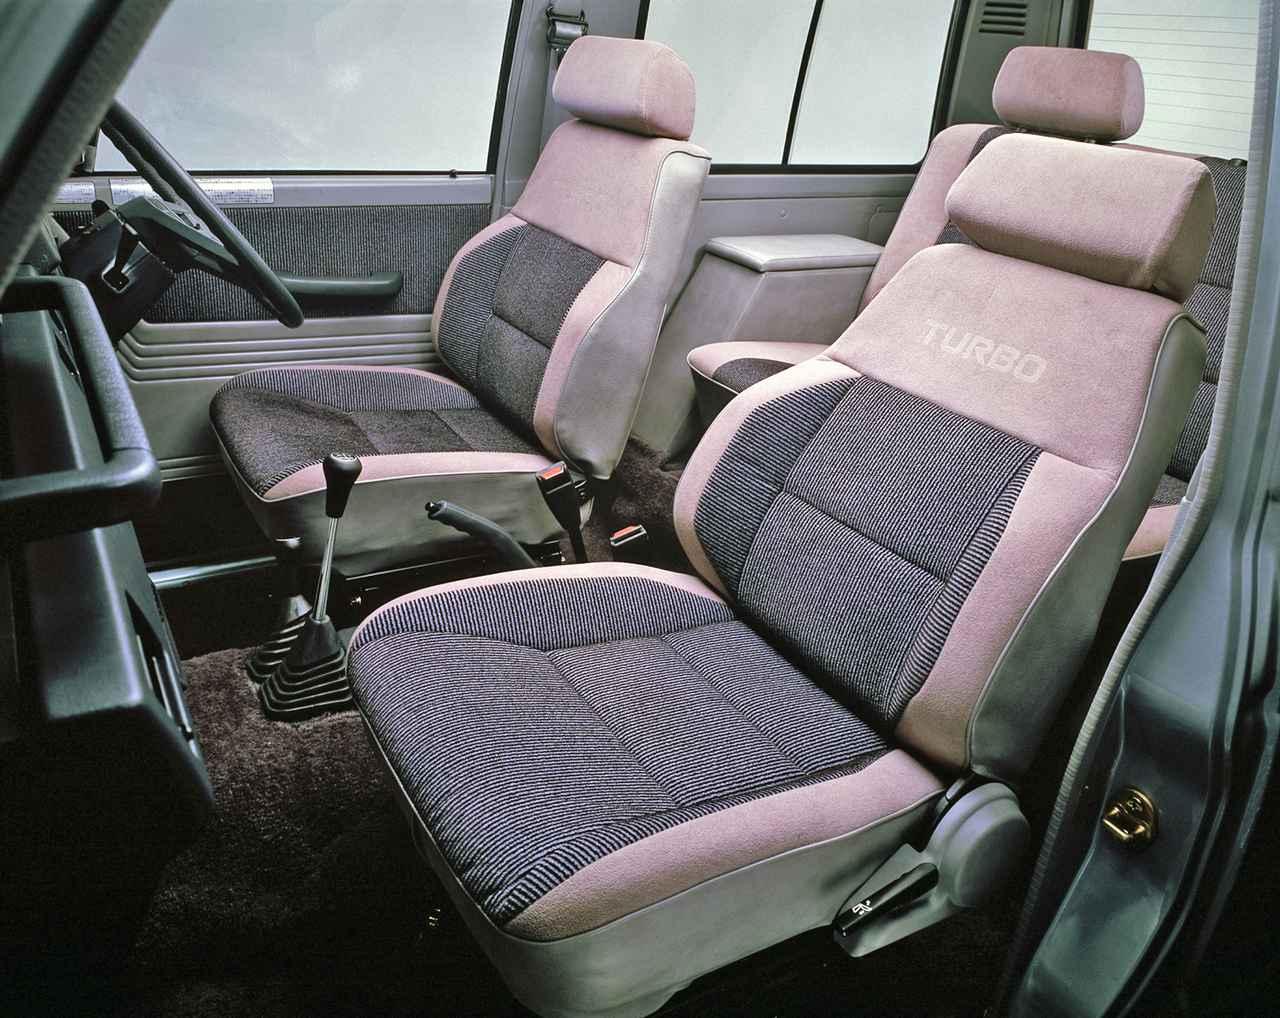 【昭和の名車 141】三菱 パジェロの登場が現在のSUVブームの原点かも知れない